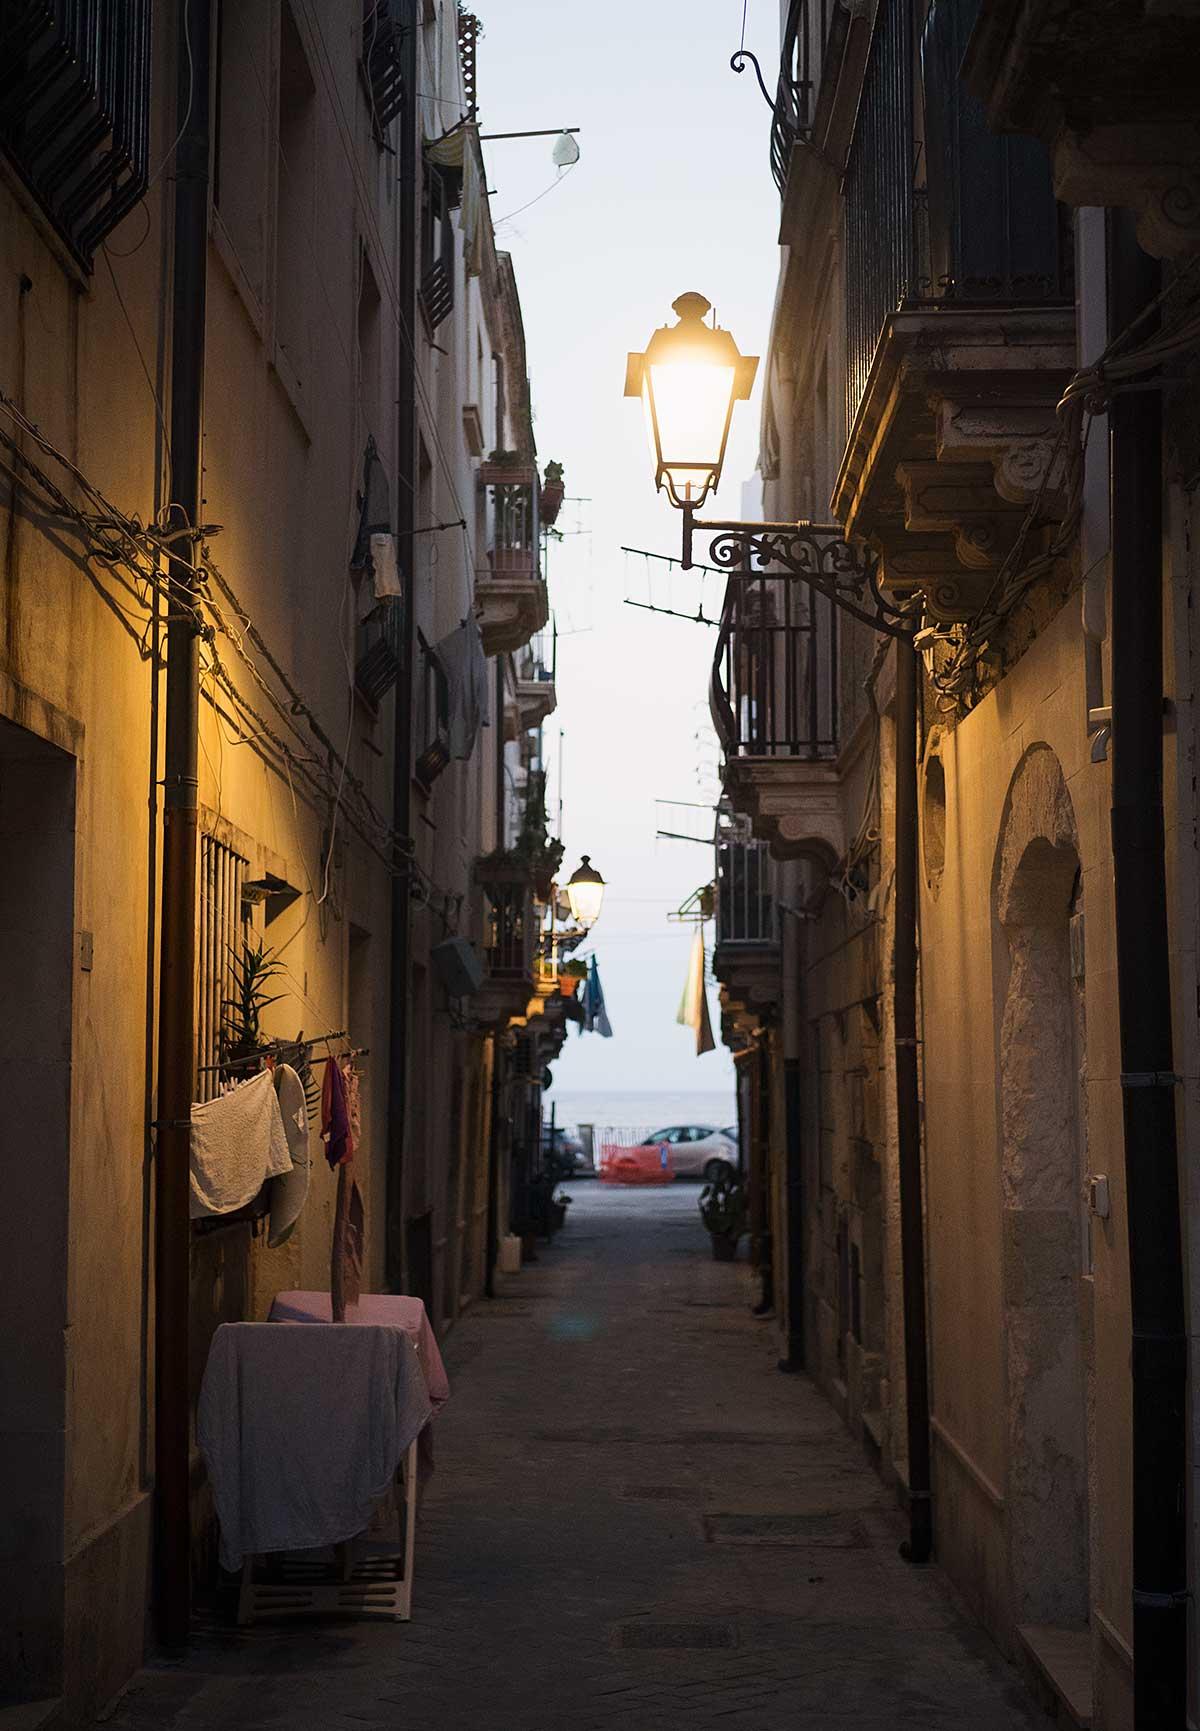 Guide til Sicilien og Sirakusa | Frk. Kræsen